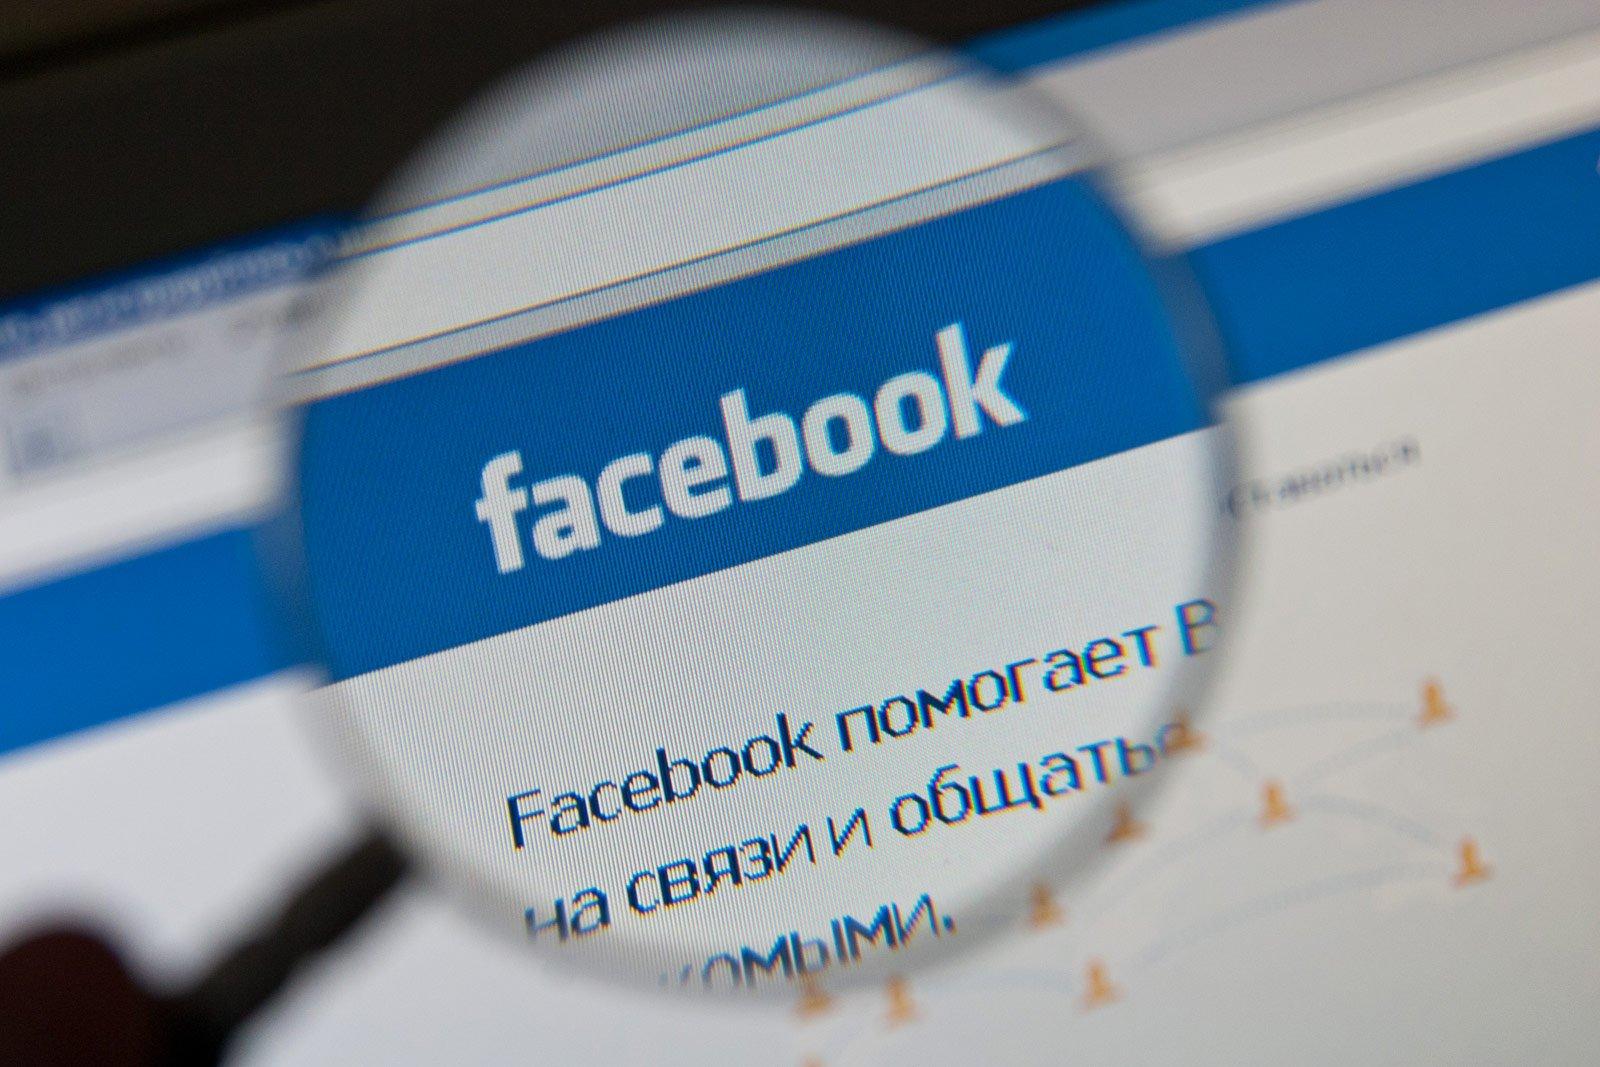 Количество пользователей Facebook достигло 1,71 миллиарда человек